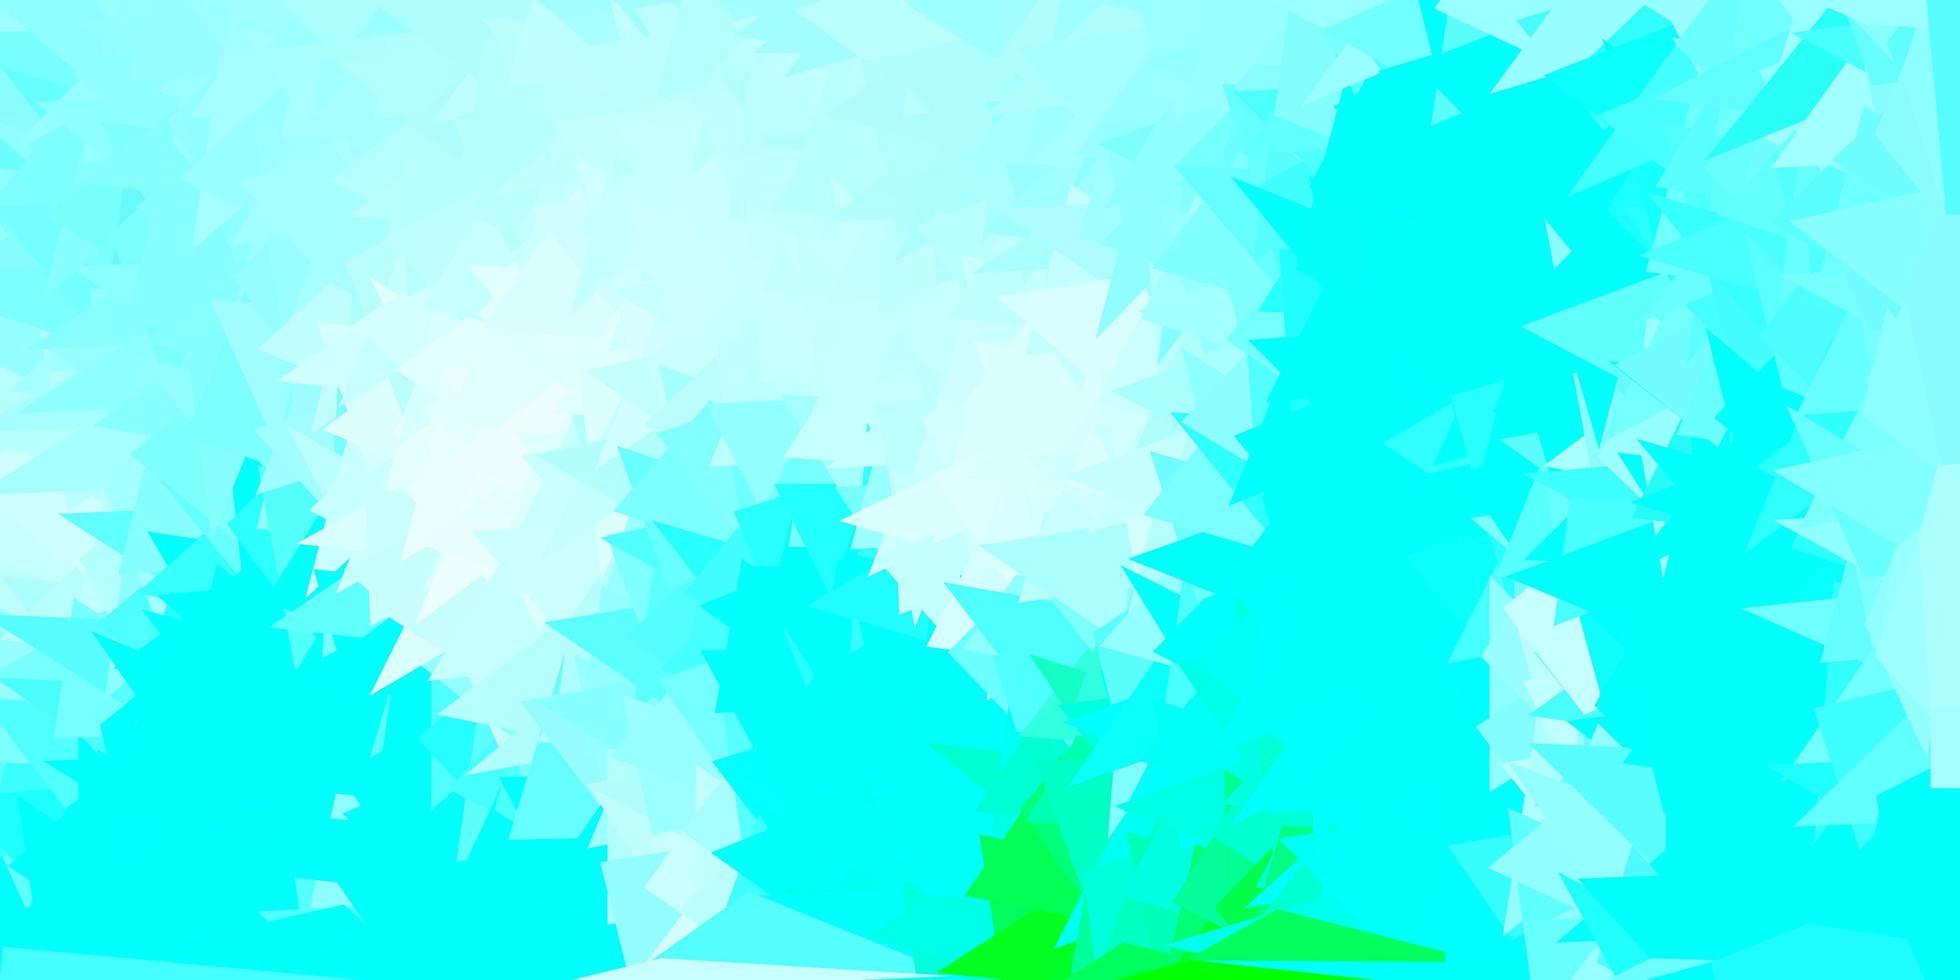 sfondo triangolo astratto blu chiaro, verde vettoriale. vettore